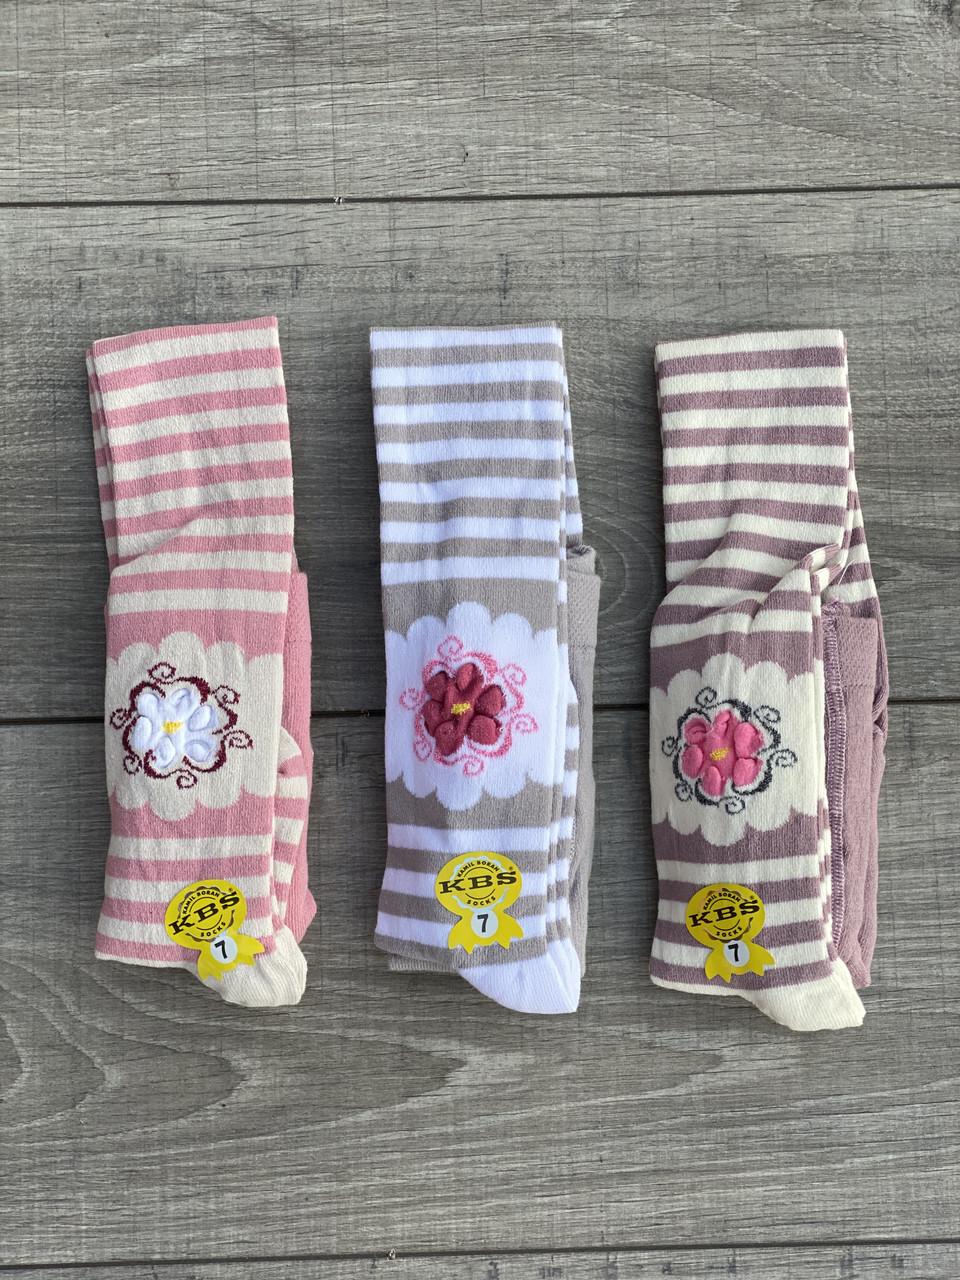 Дитячі колготи KBS бавовна принт квітка-полоска для дівчаток 7 років 6 шт. в уп. мікс 3х кольорів